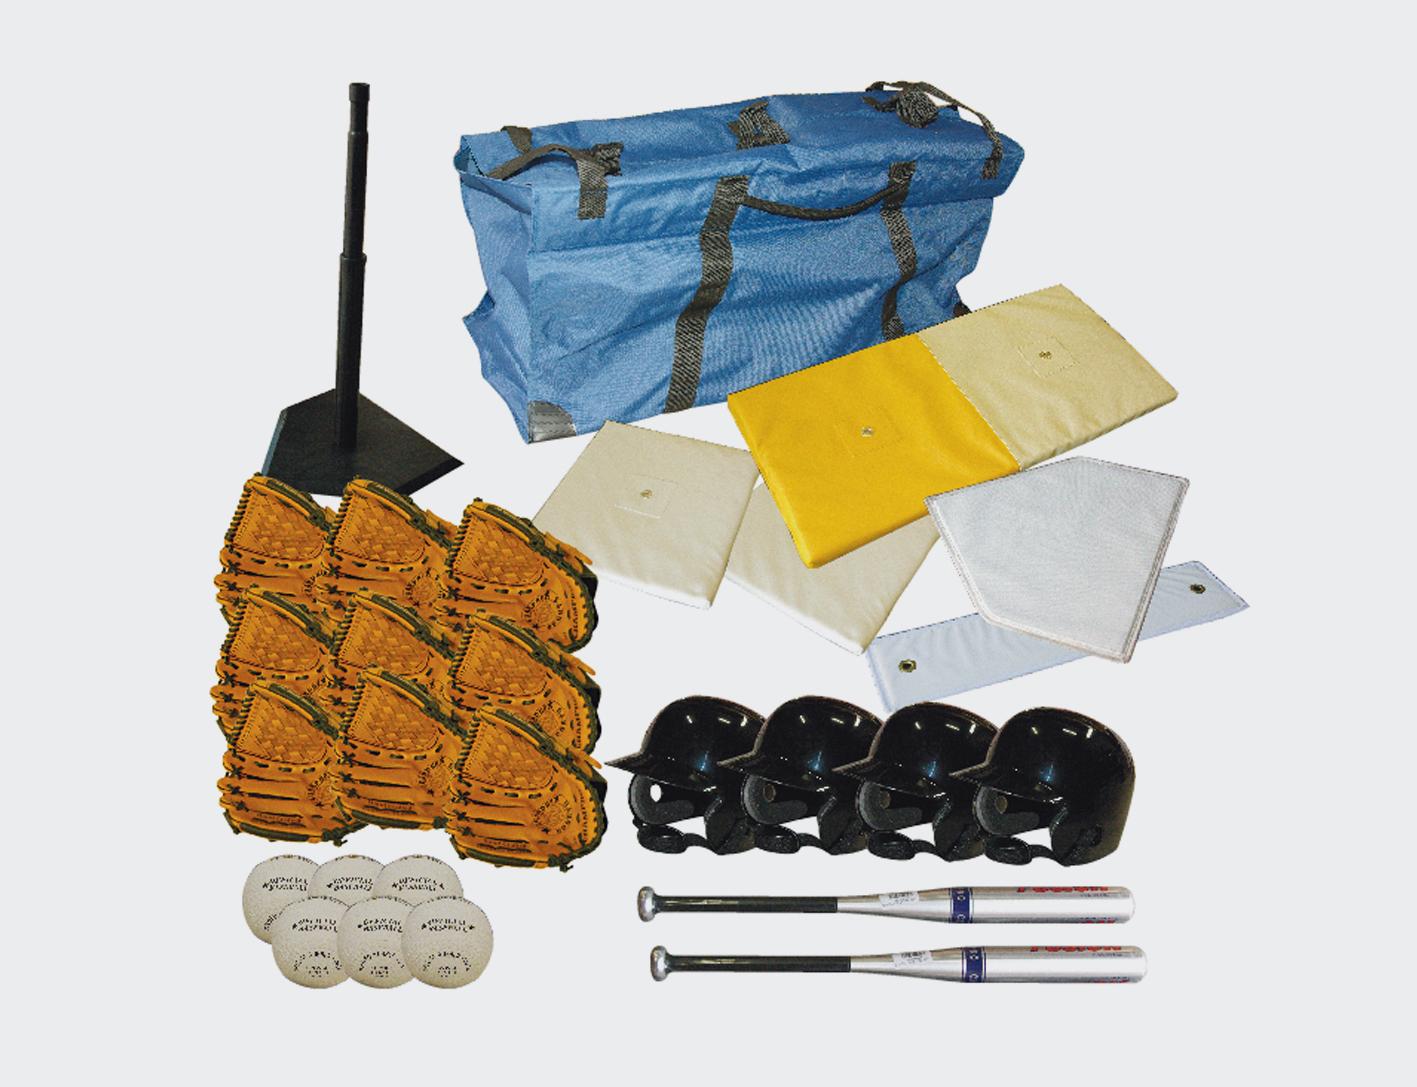 T-Ball Kits